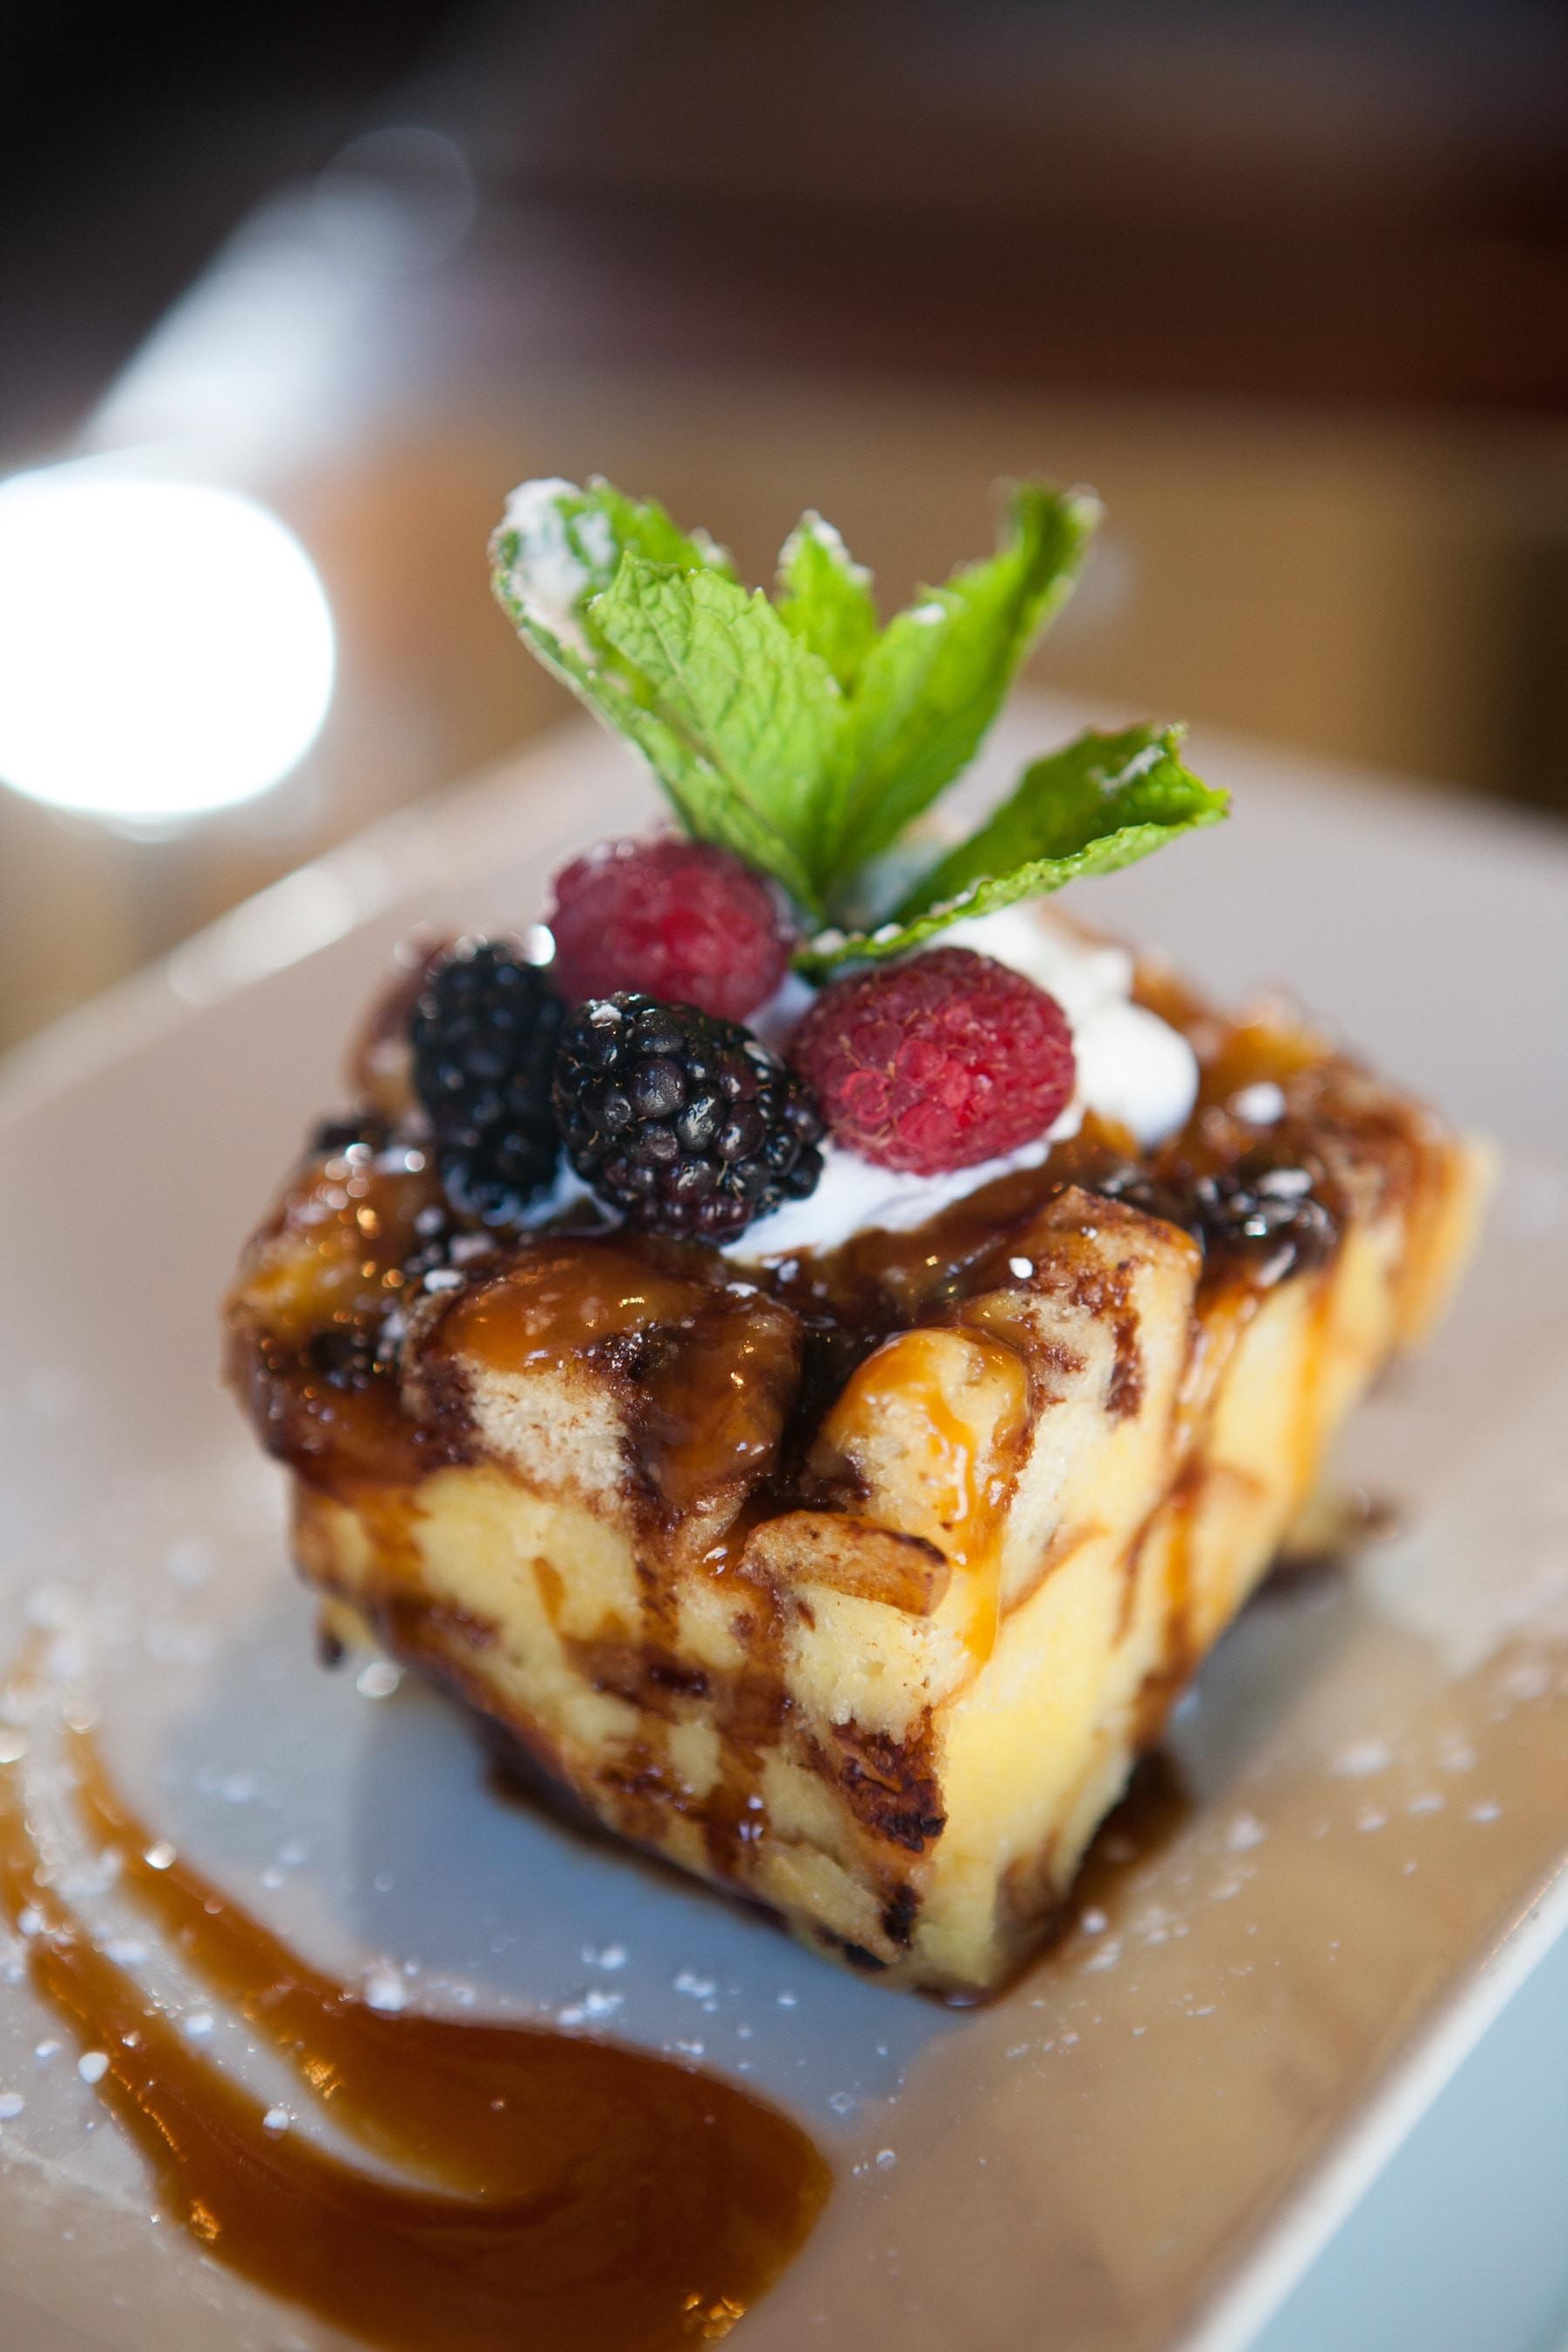 Best Italian Desserts  Best Italian Dessert Food in Scottsdale